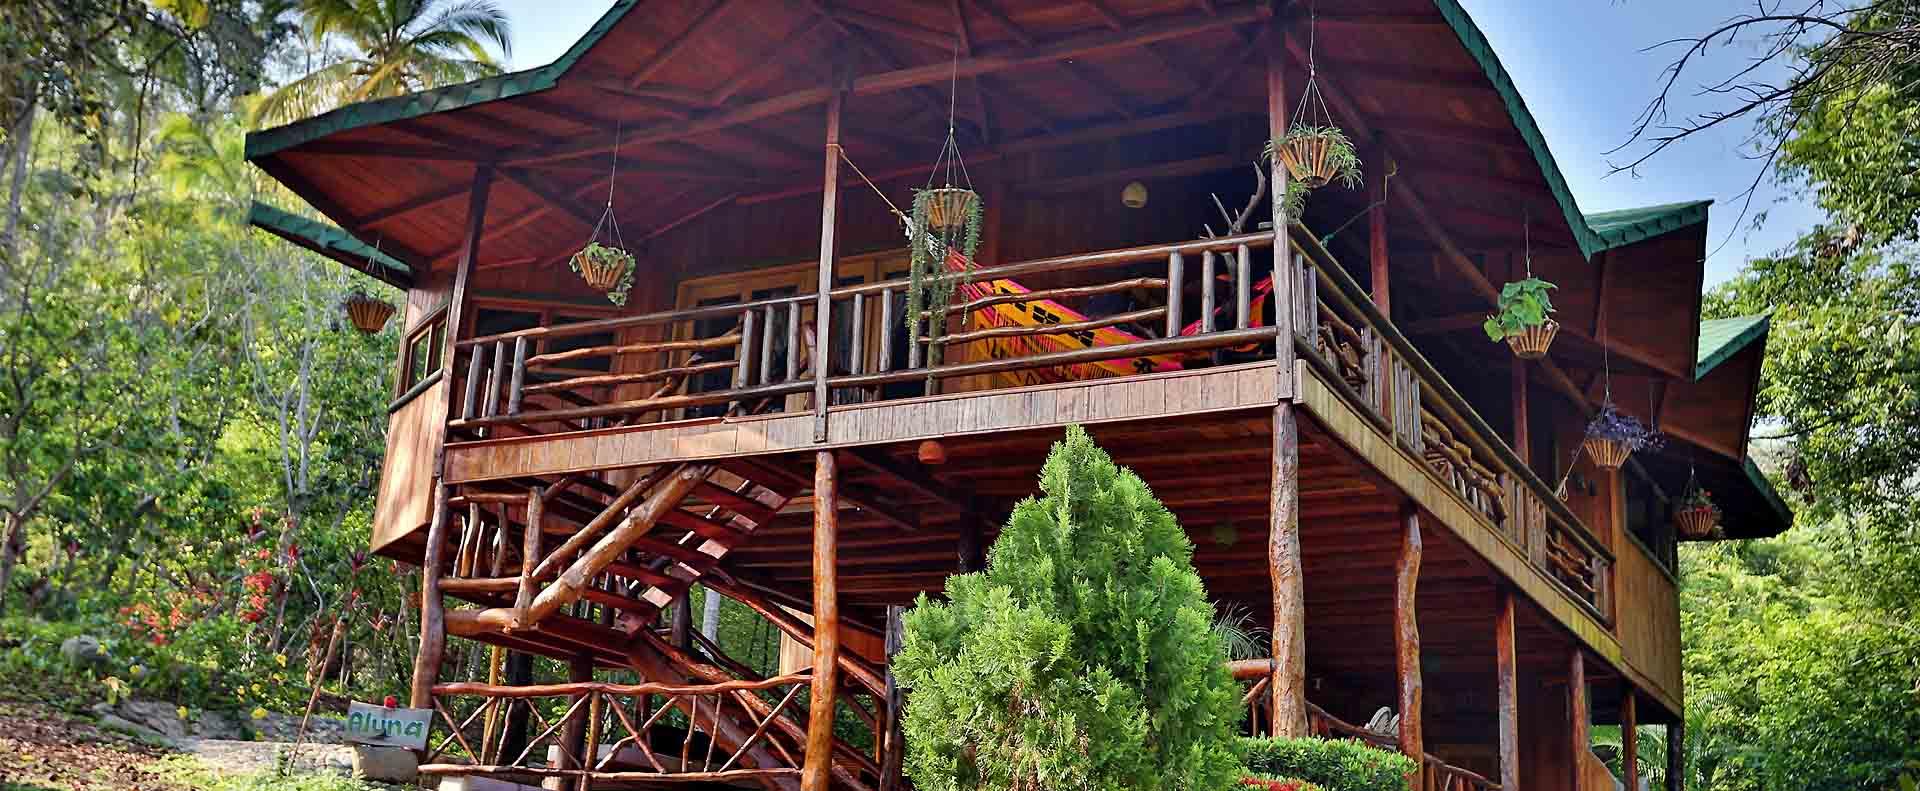 Cabaña Aluna